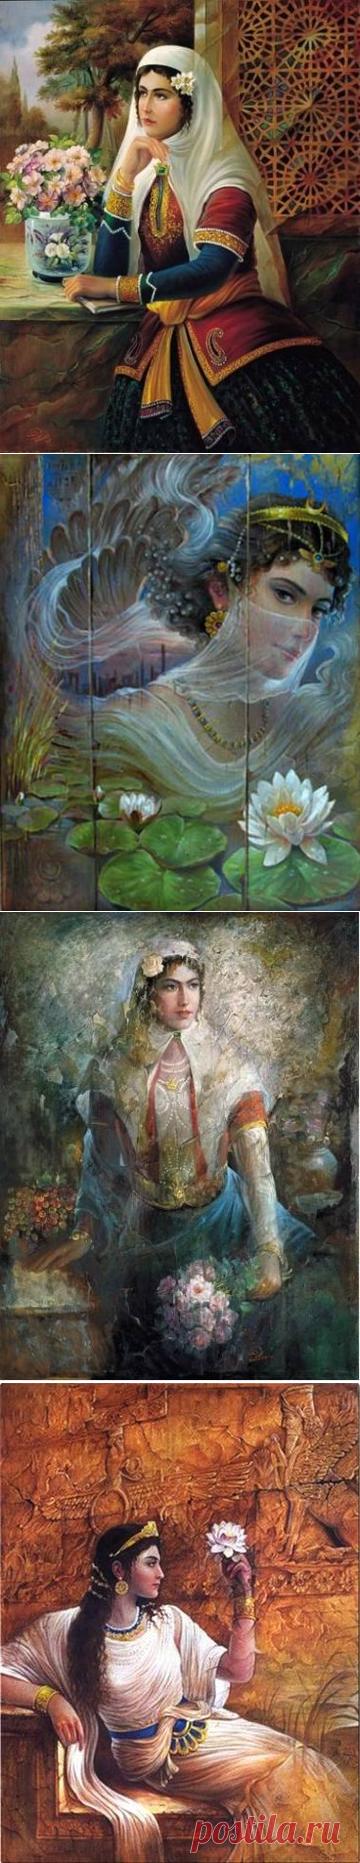 Иранский художник Hojat Shakiba.3 часть.